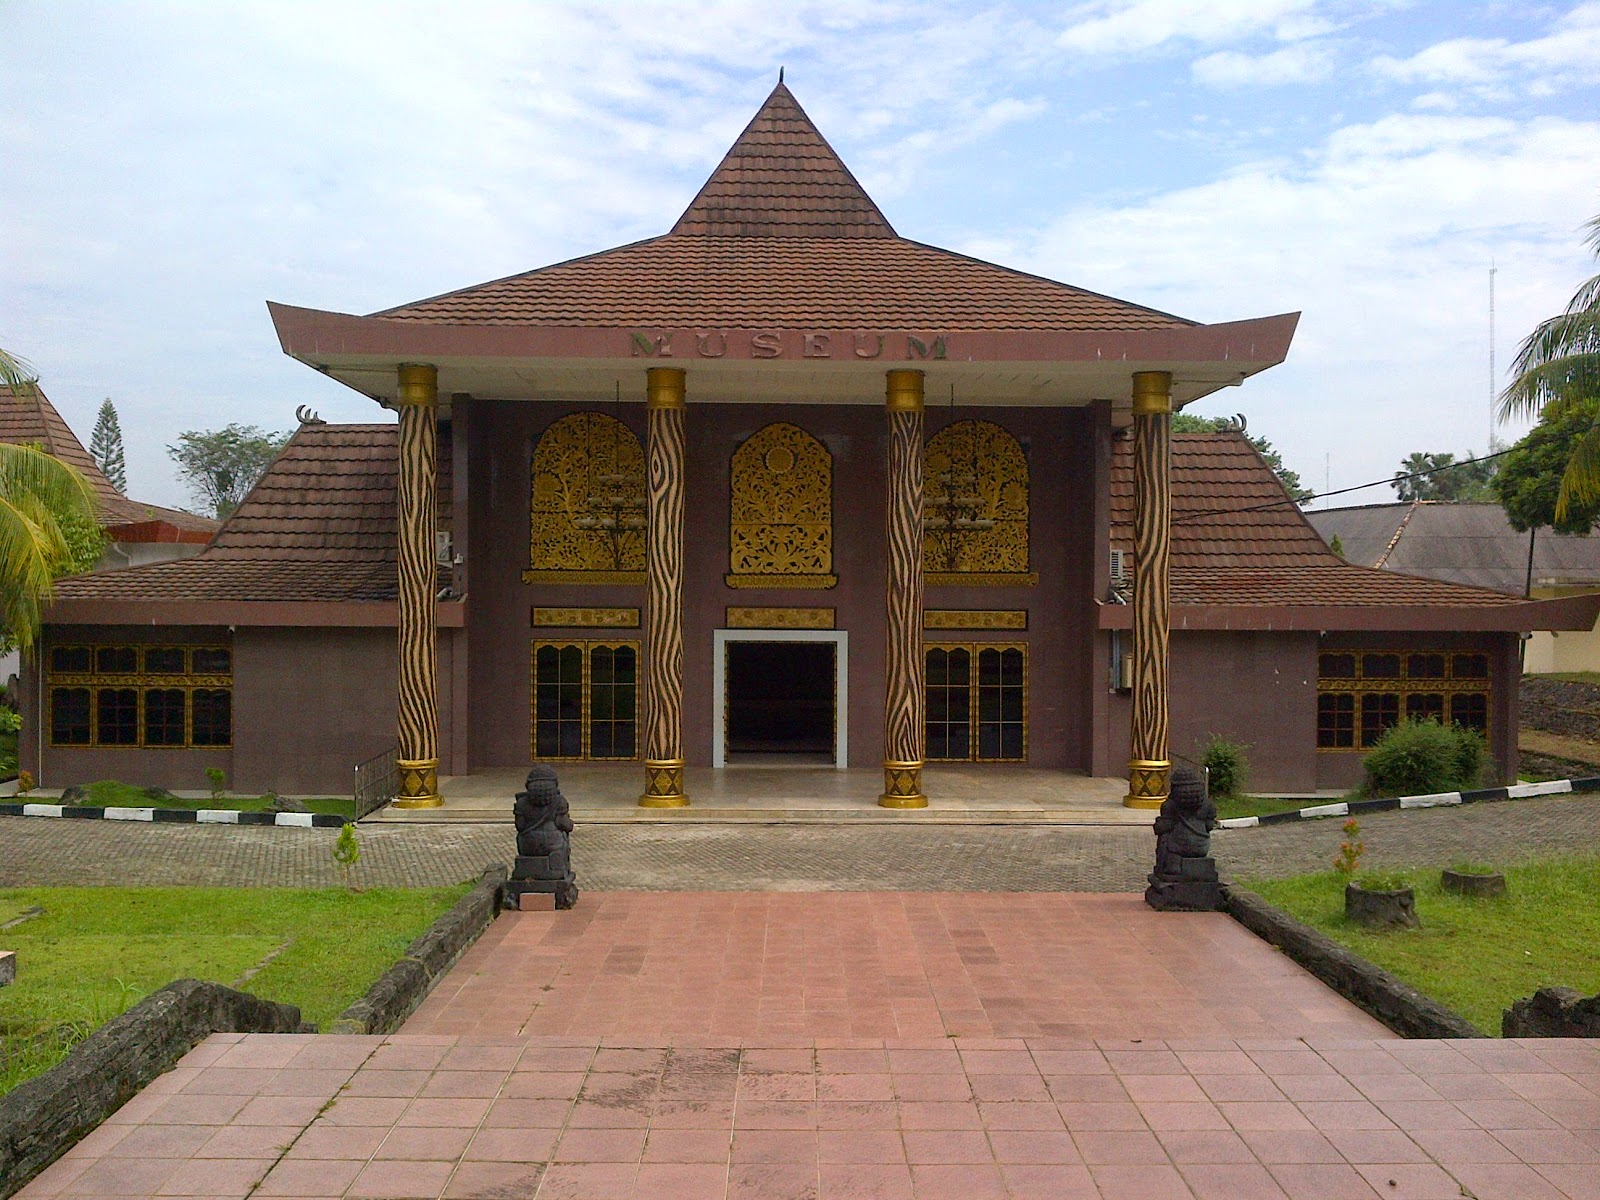 Gedung utama Museum Balaputera Dewa, Palembang. Sumber: http://museumnegerisumsel.blogspot.co.id